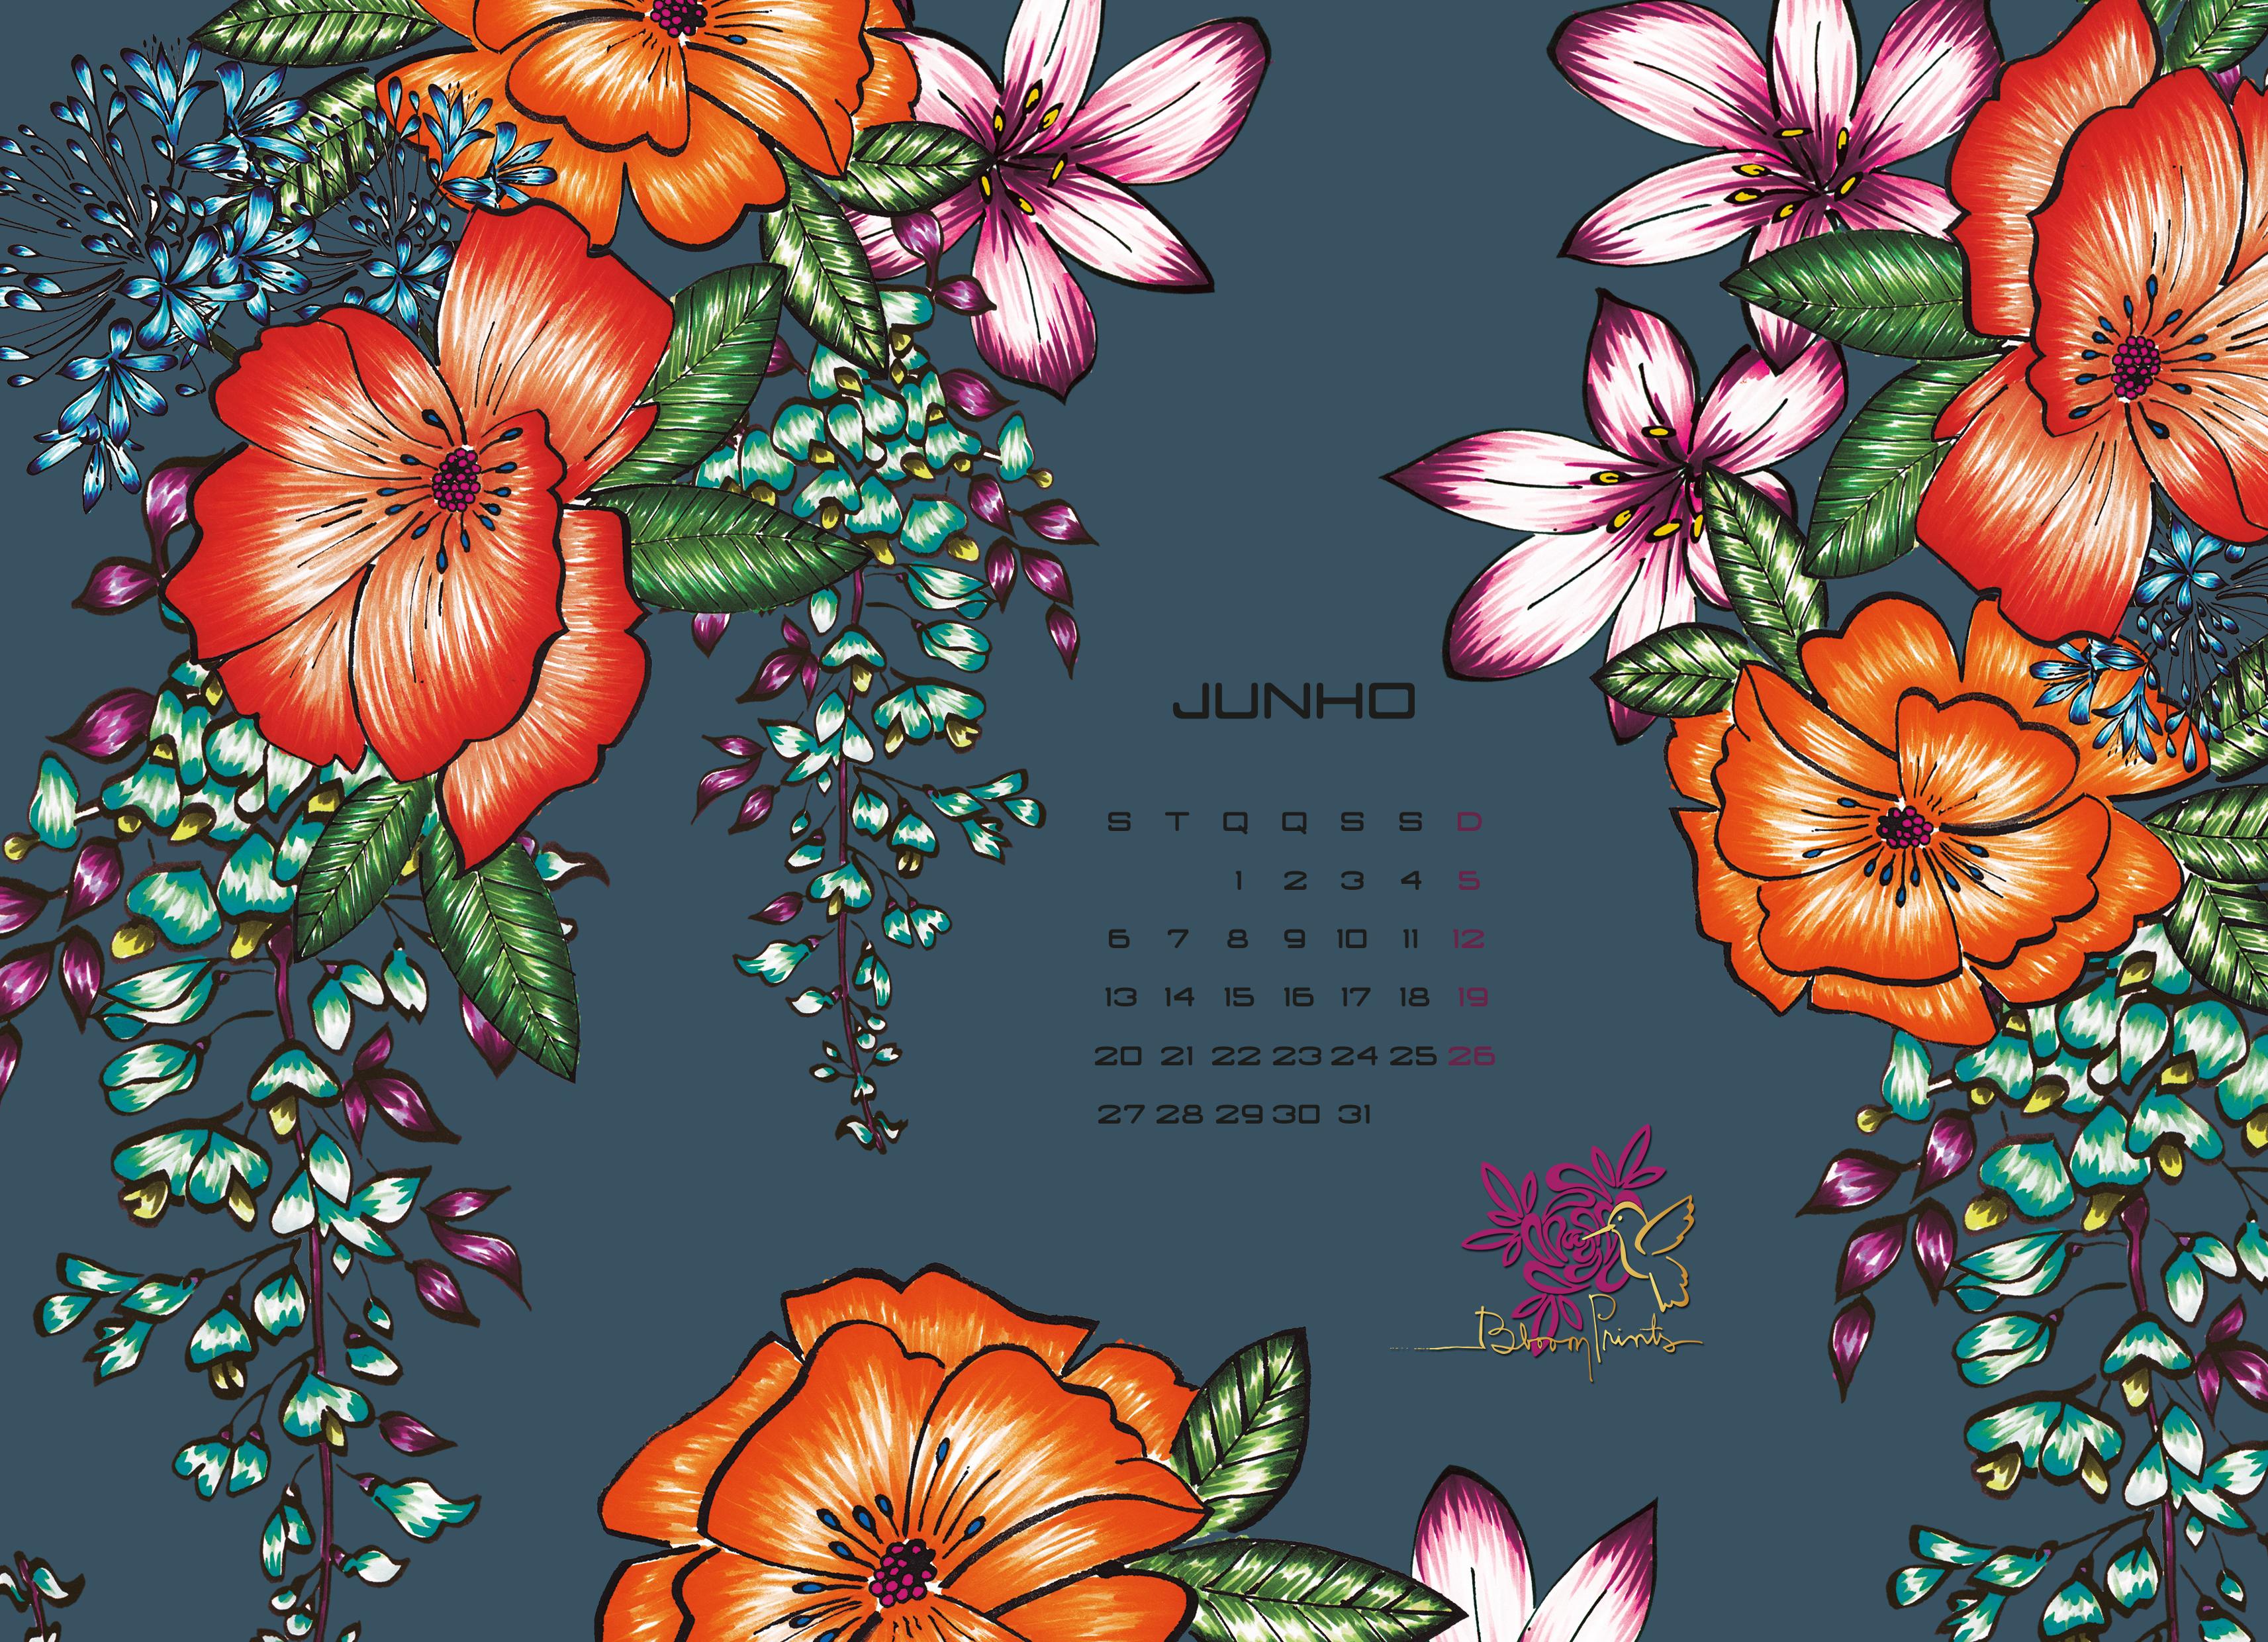 Junho_Bloom